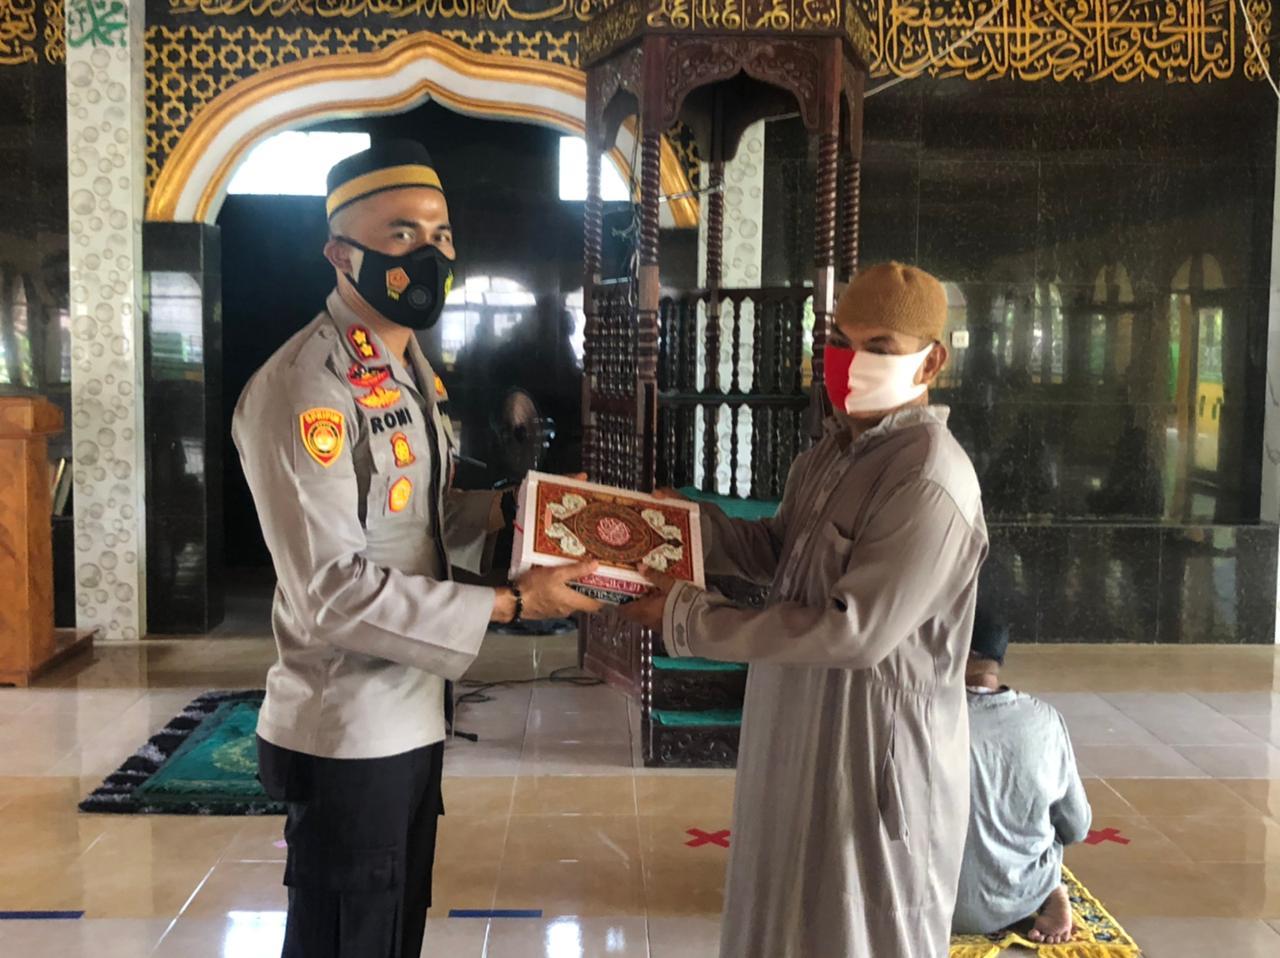 Kapolres Soppeng Serahkan Bantuan Al - Quran di Masjid Nurul Irsyad Pacongkang